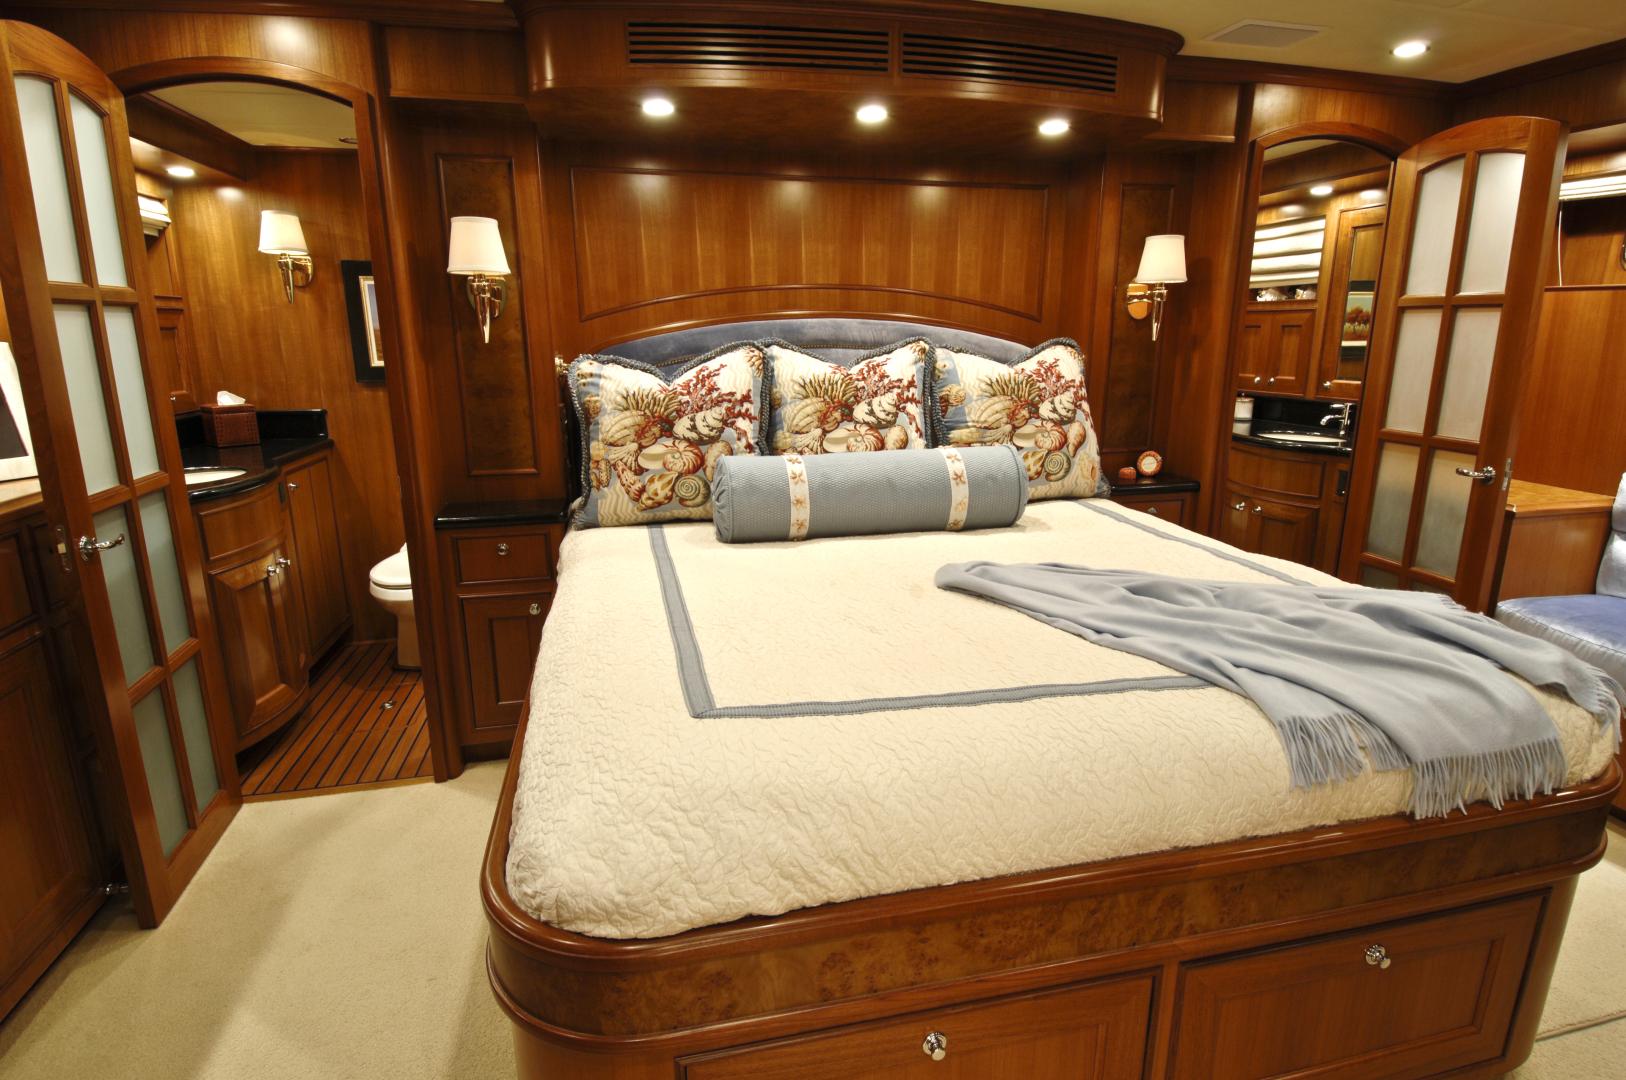 Offshore Yachts-76/80 Motoryacht 2020 -Florida-United States-1105517 | Thumbnail